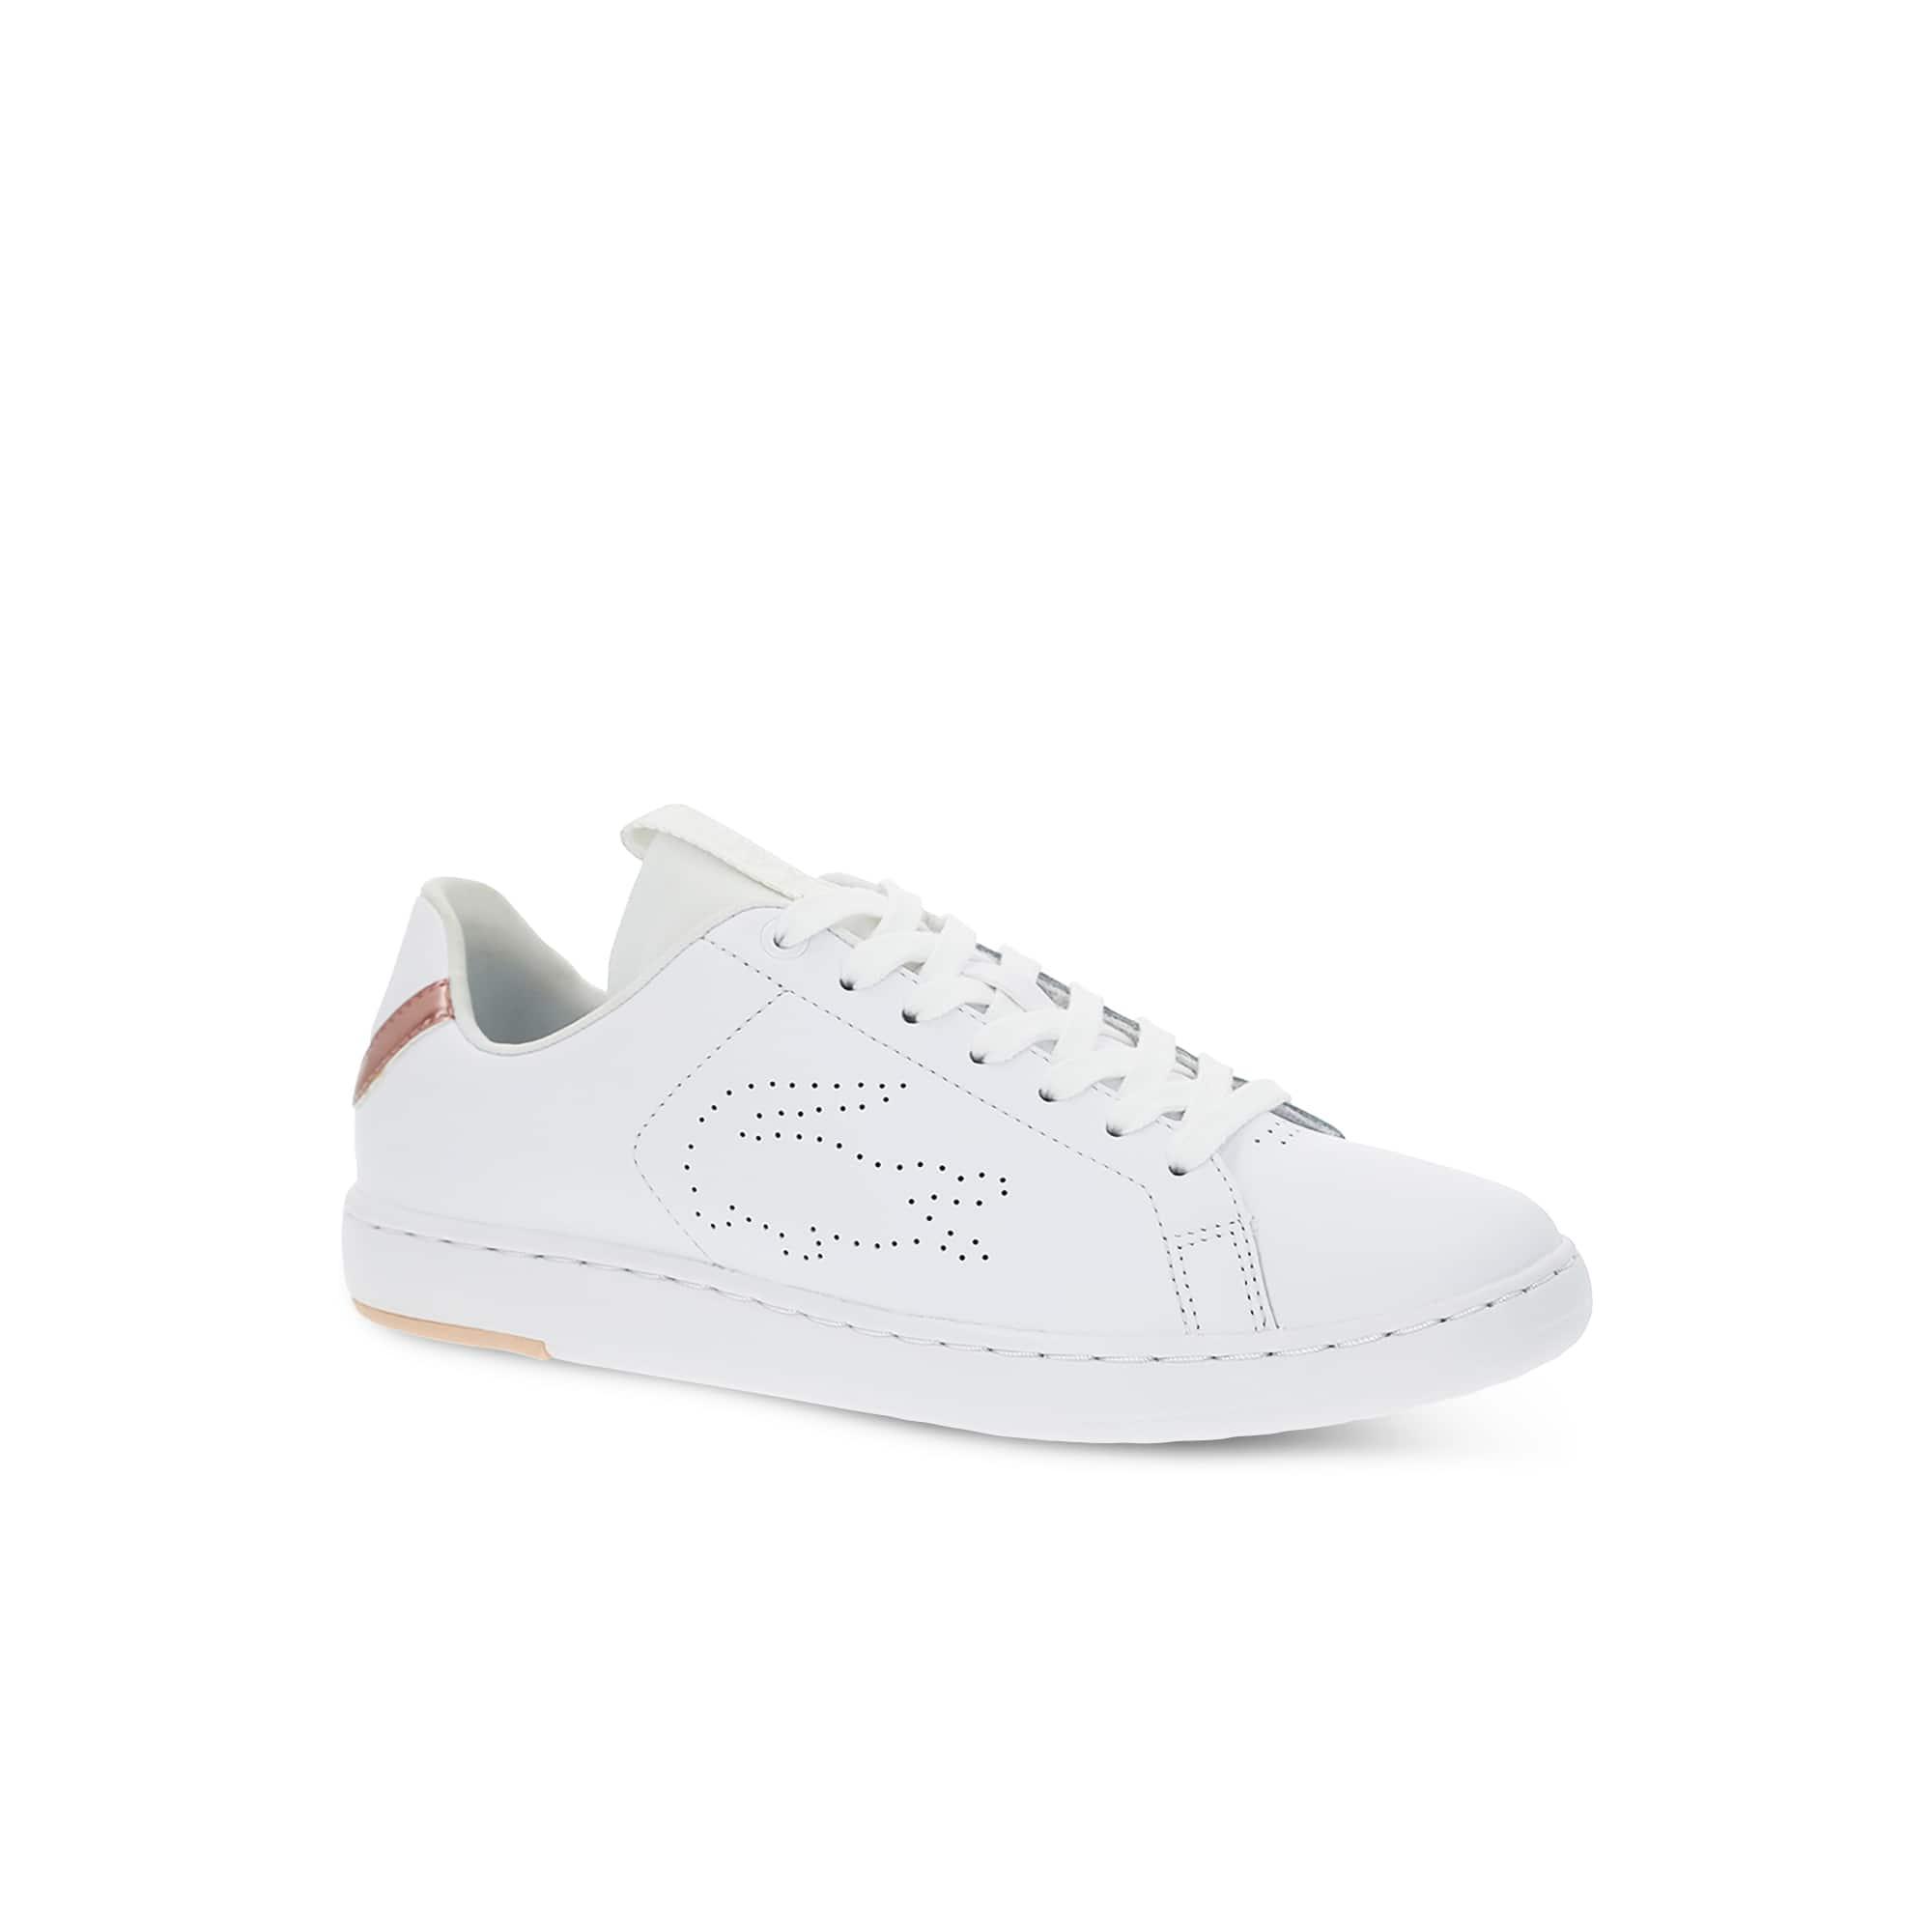 c1fc17dfe4e Lacoste shoes for women  Boots